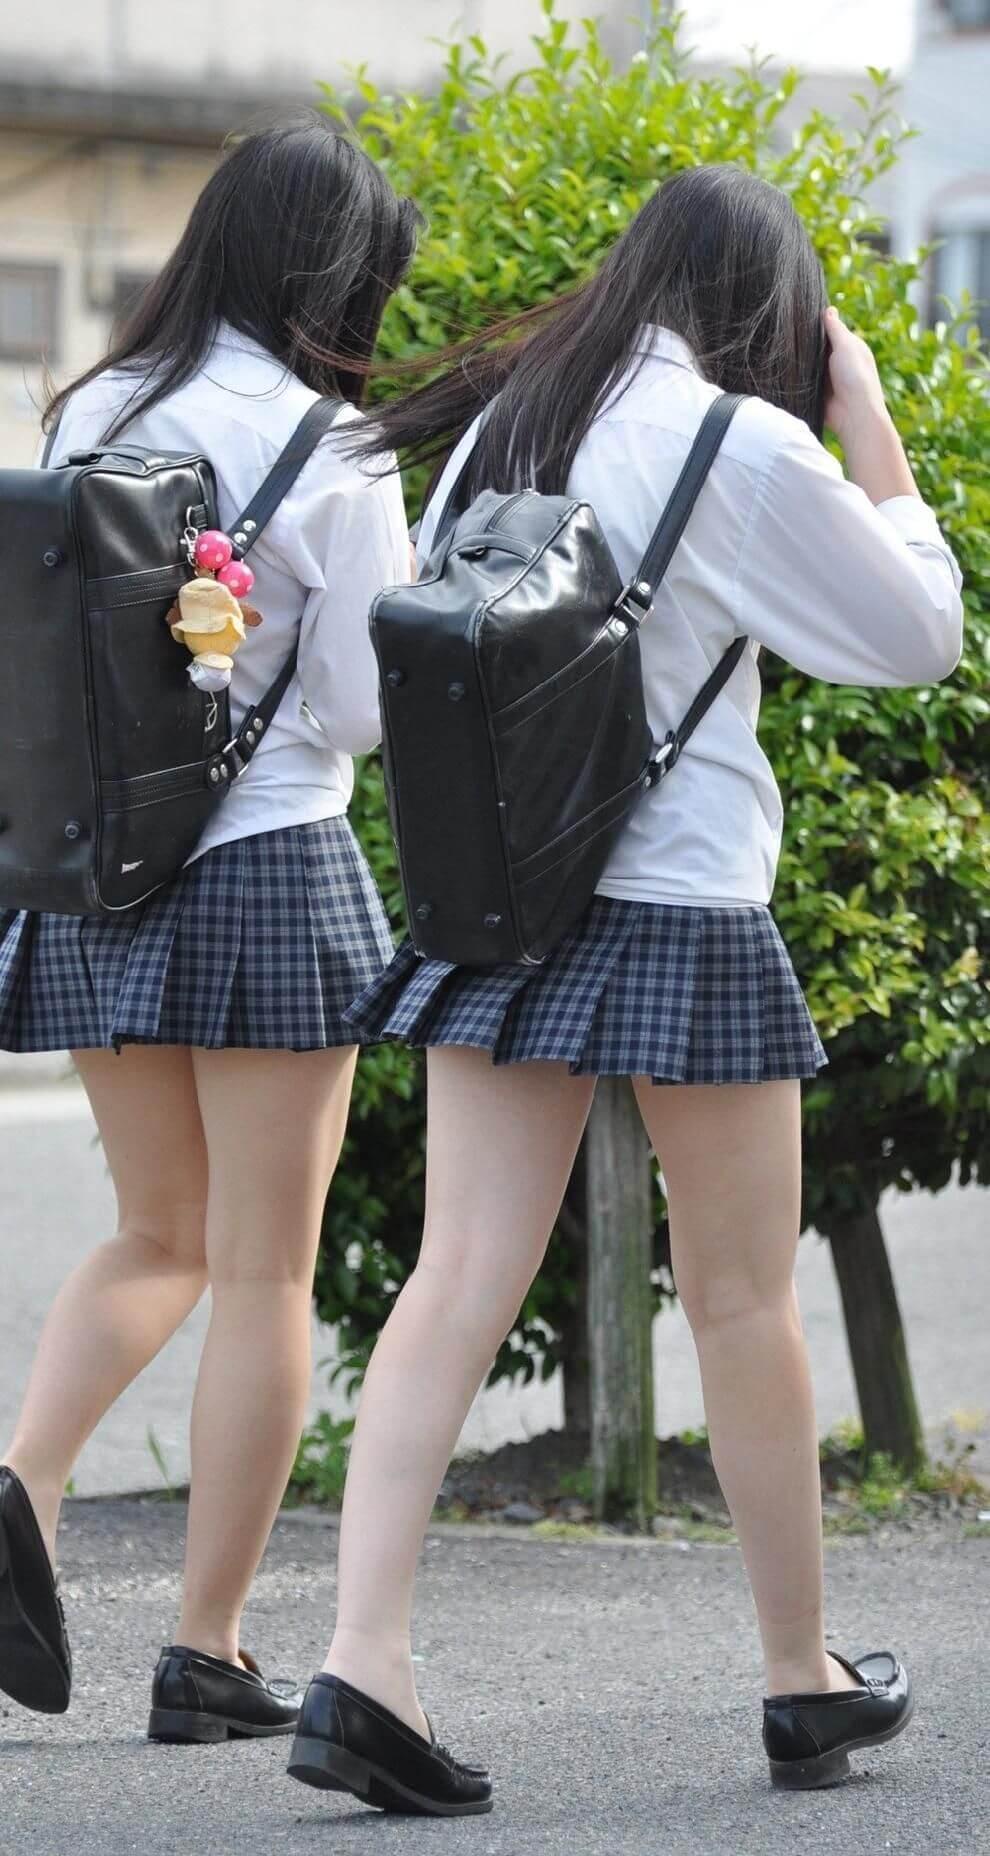 【画像】スケブラも辞さないシャツ女子高生wwww